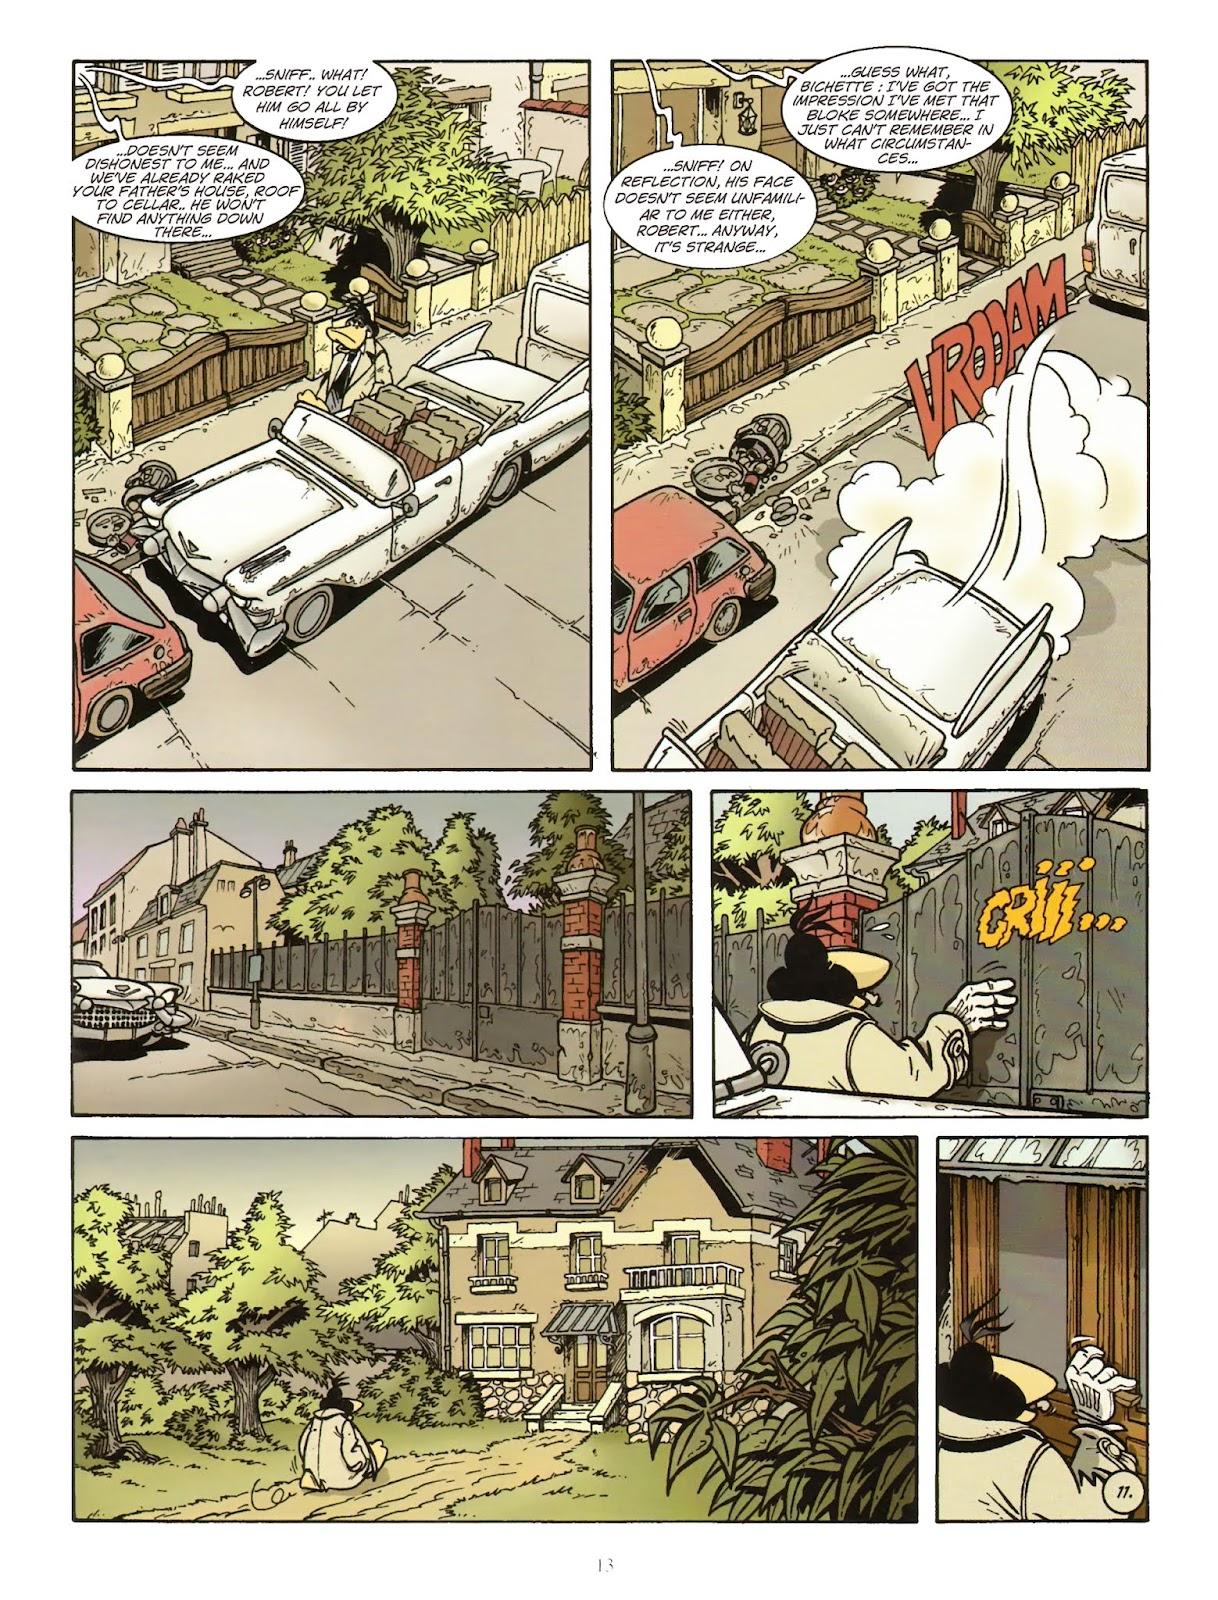 Une enquête de l'inspecteur Canardo issue 11 - Page 14